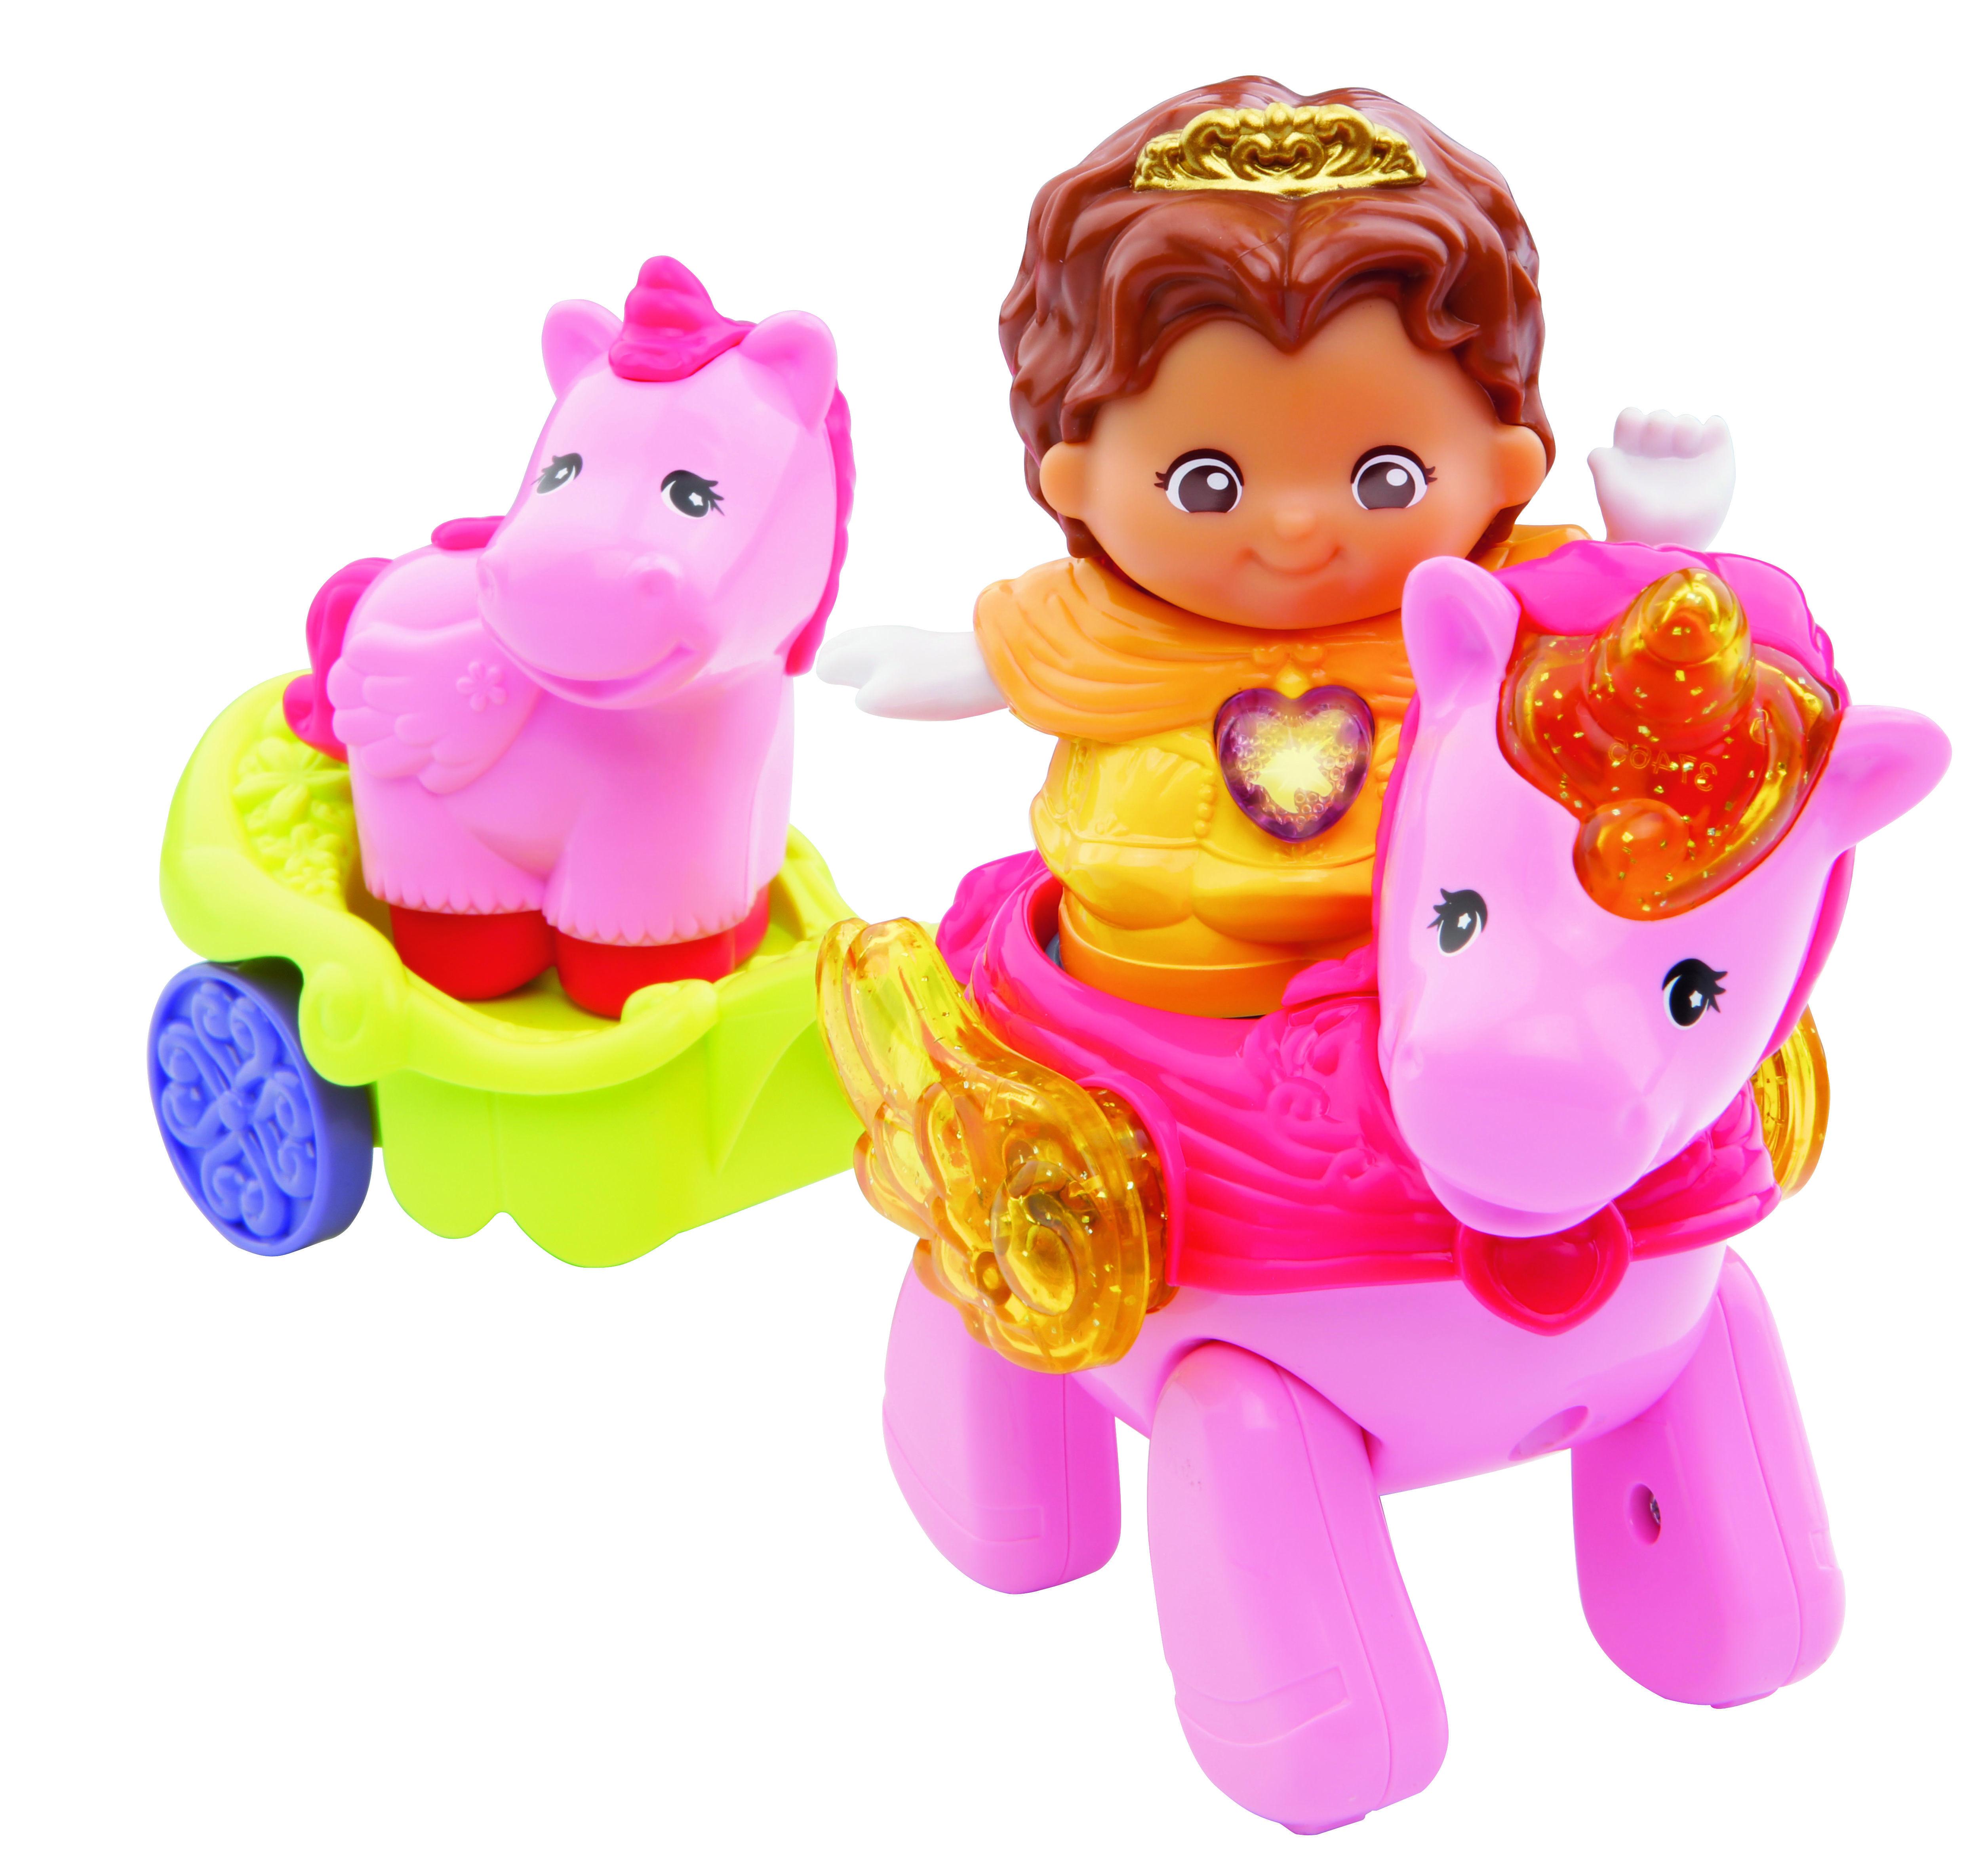 TUT TUT COPAINS - La licorne magique de Claire, la princesse aventurière - 177105